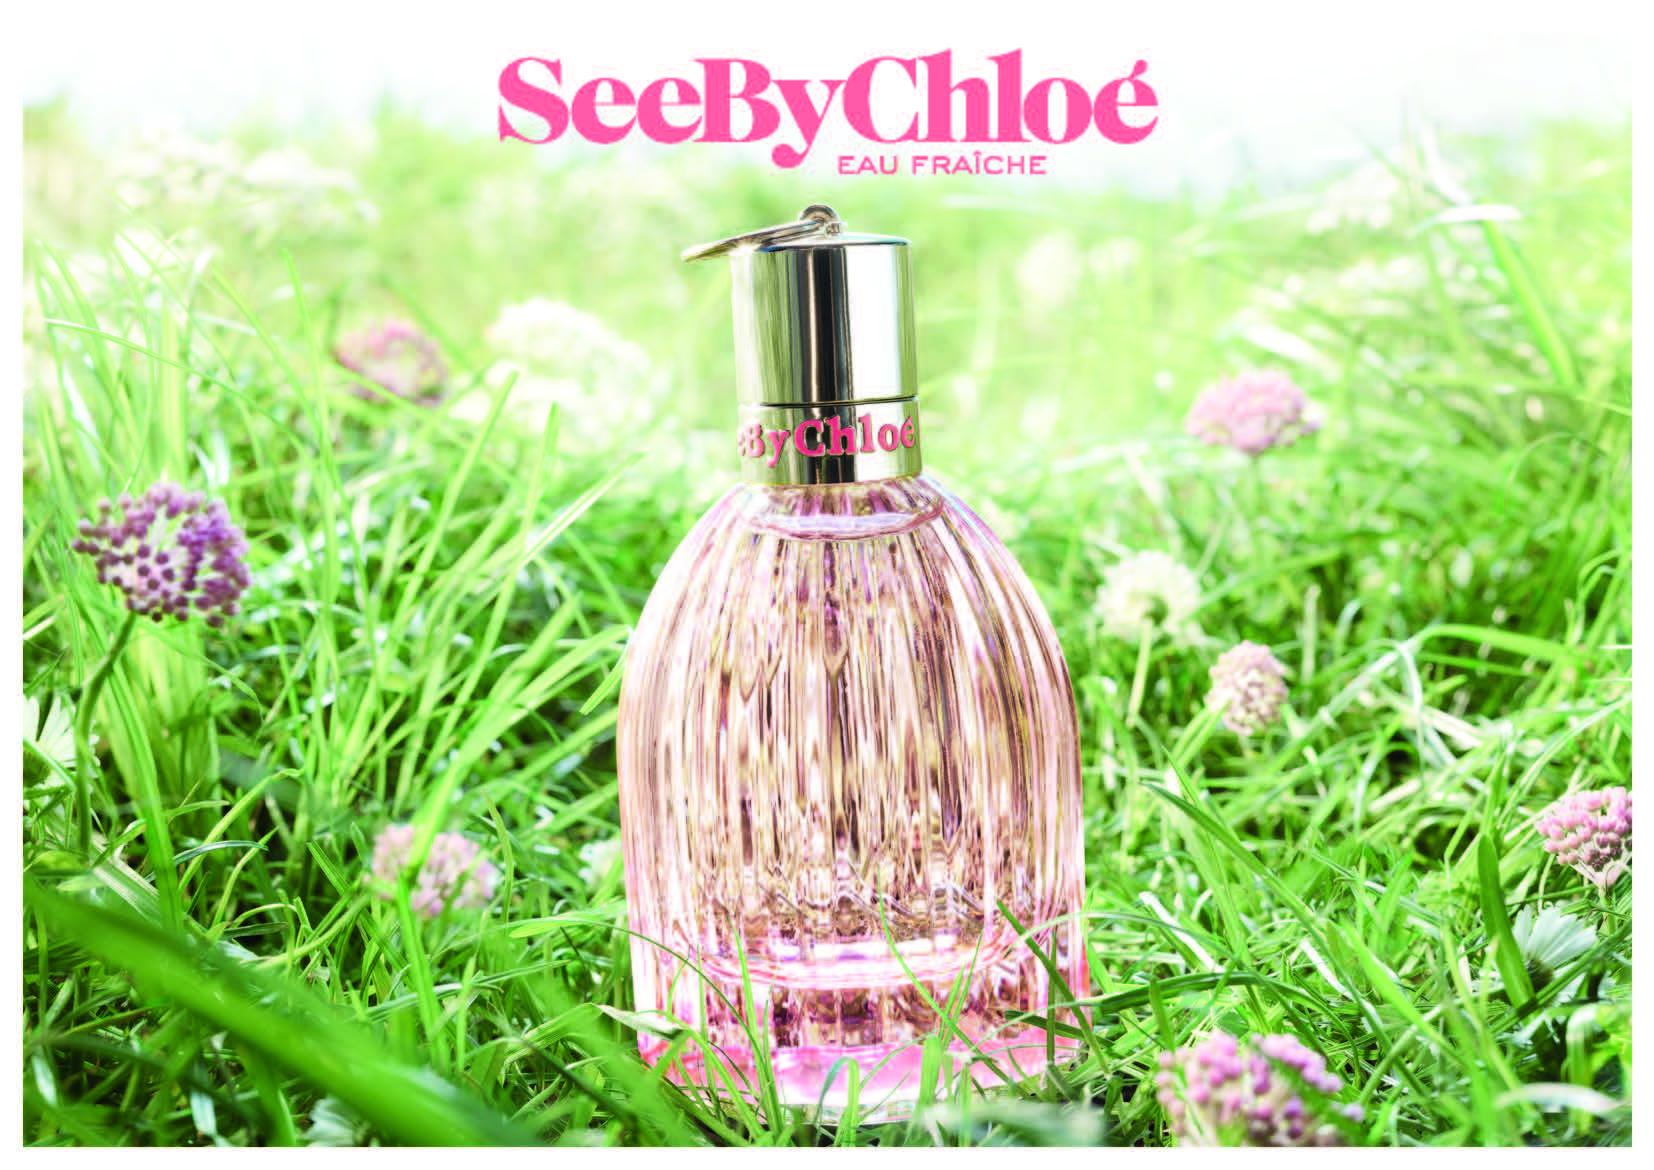 See by Chloé Eau Fraiche dp low.jpg